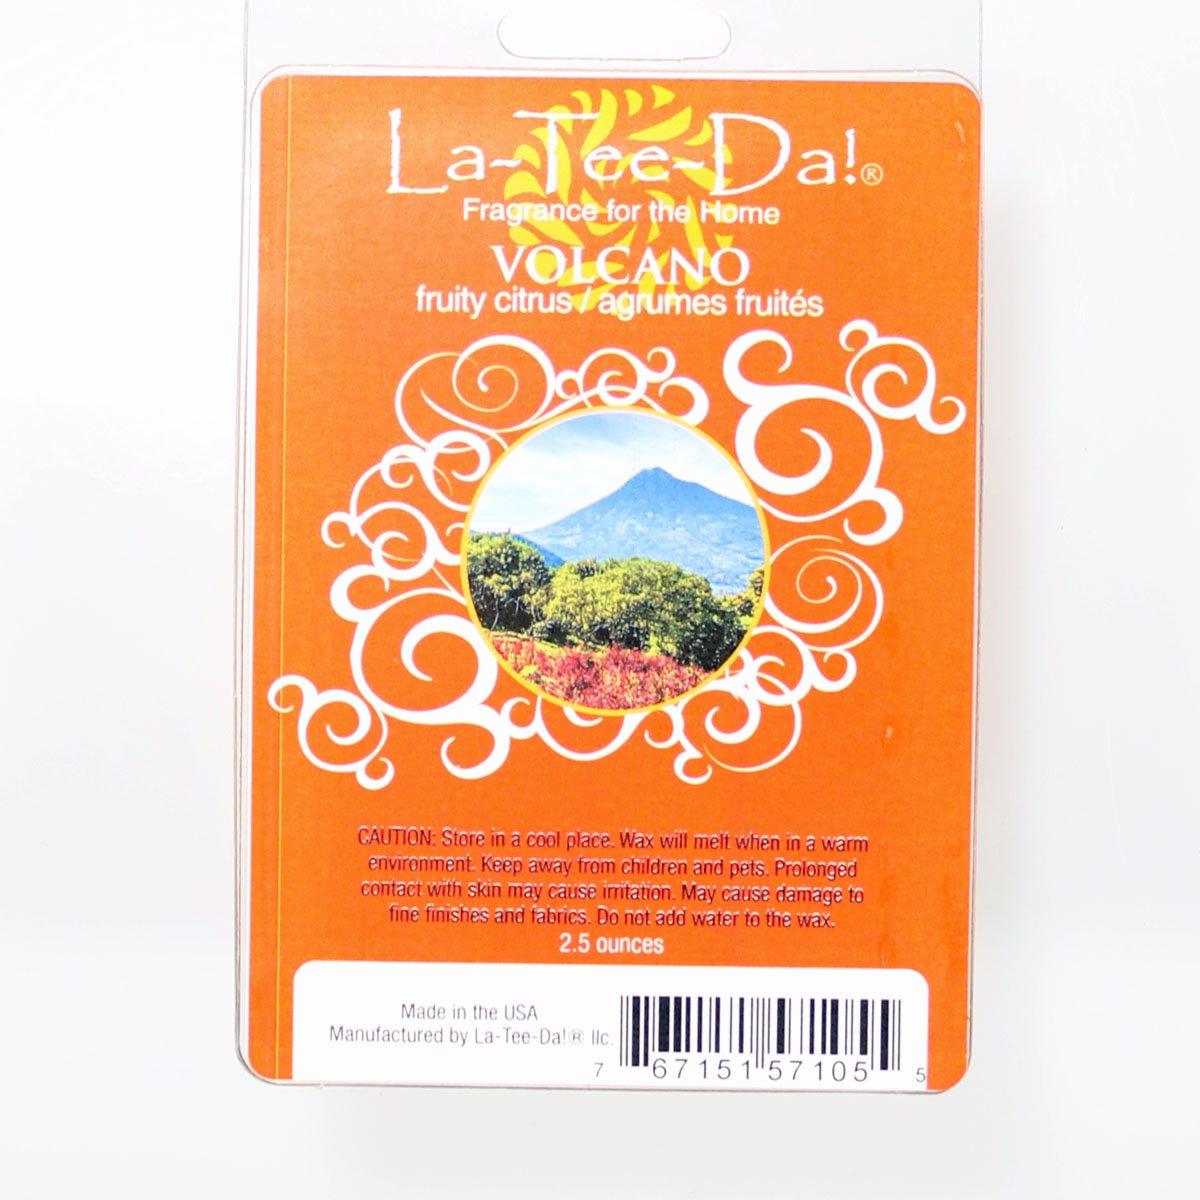 La-Tee-Da Wax Melts Volcano